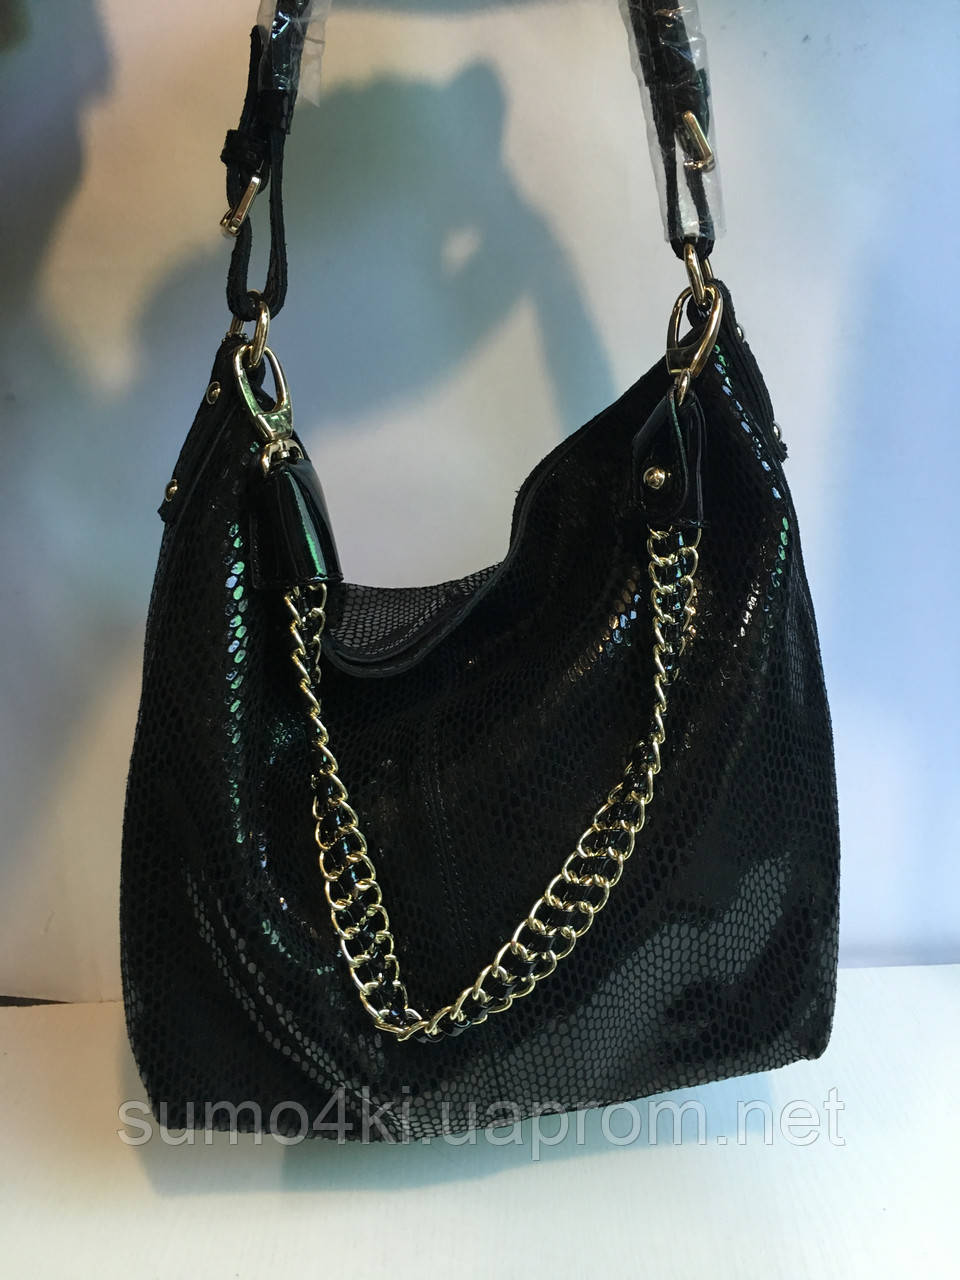 442c35a4 Купить Женскую кожаную сумку (лазер кожа) оптом и в розницу в Одессе ...